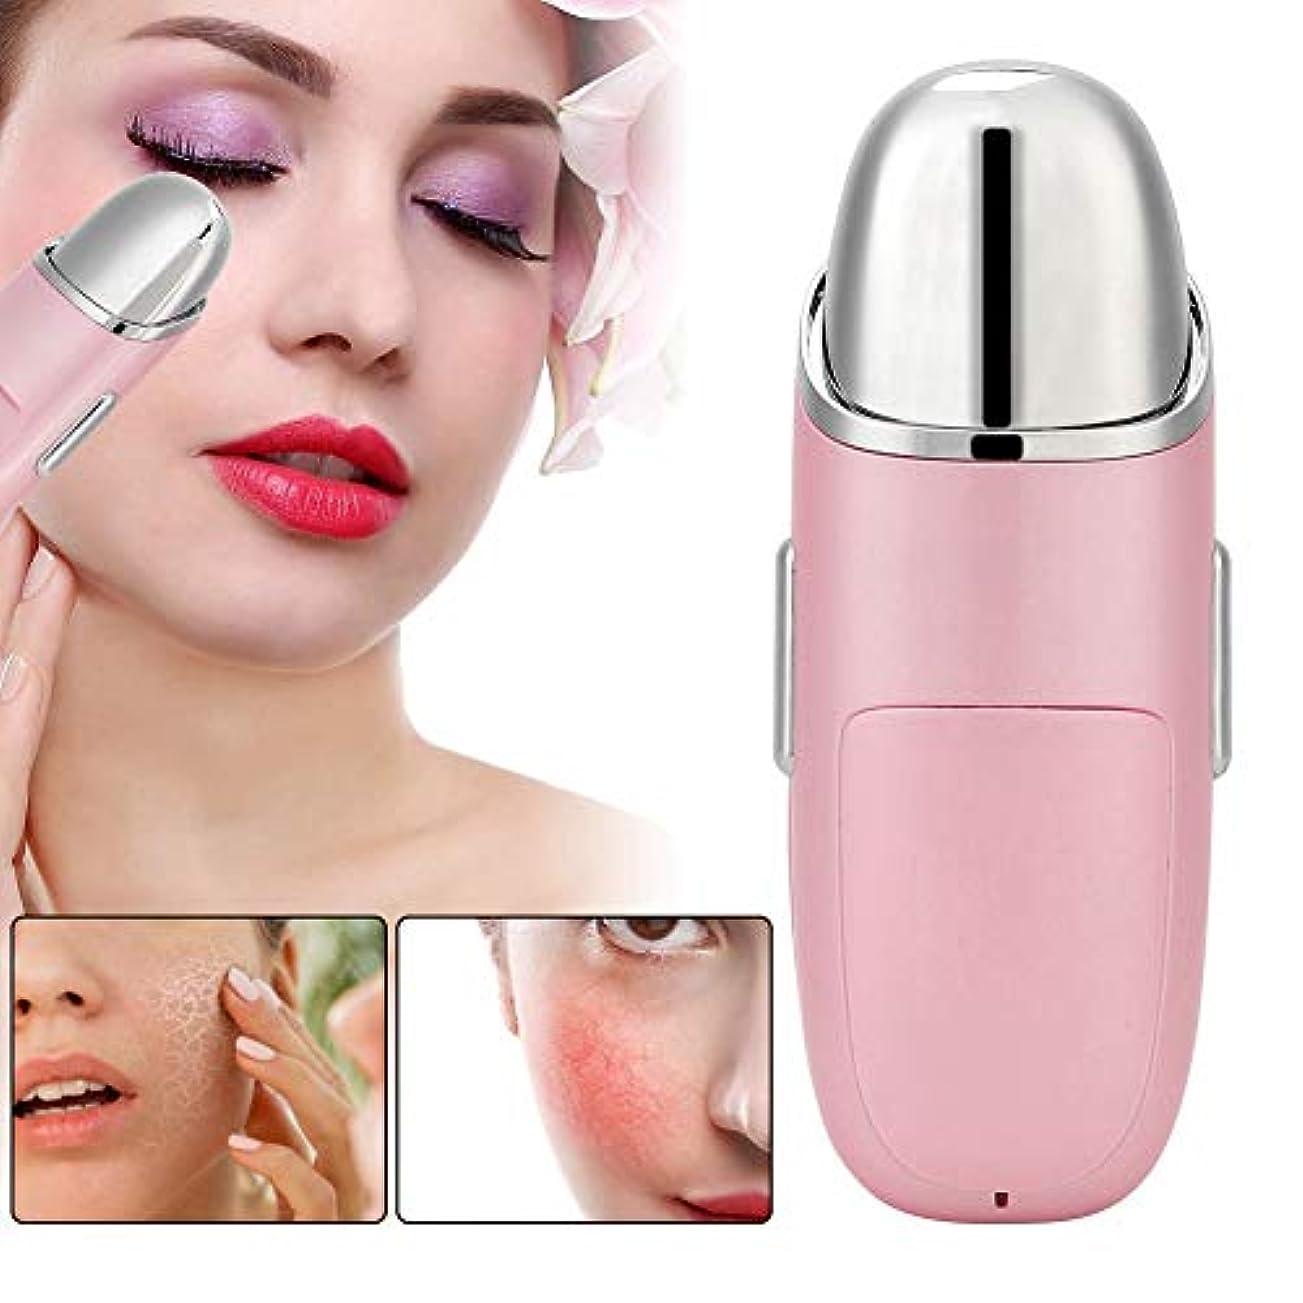 ヘア結紮第三女性のための電気目の顔のマッサージャーの美用具(ピンク)